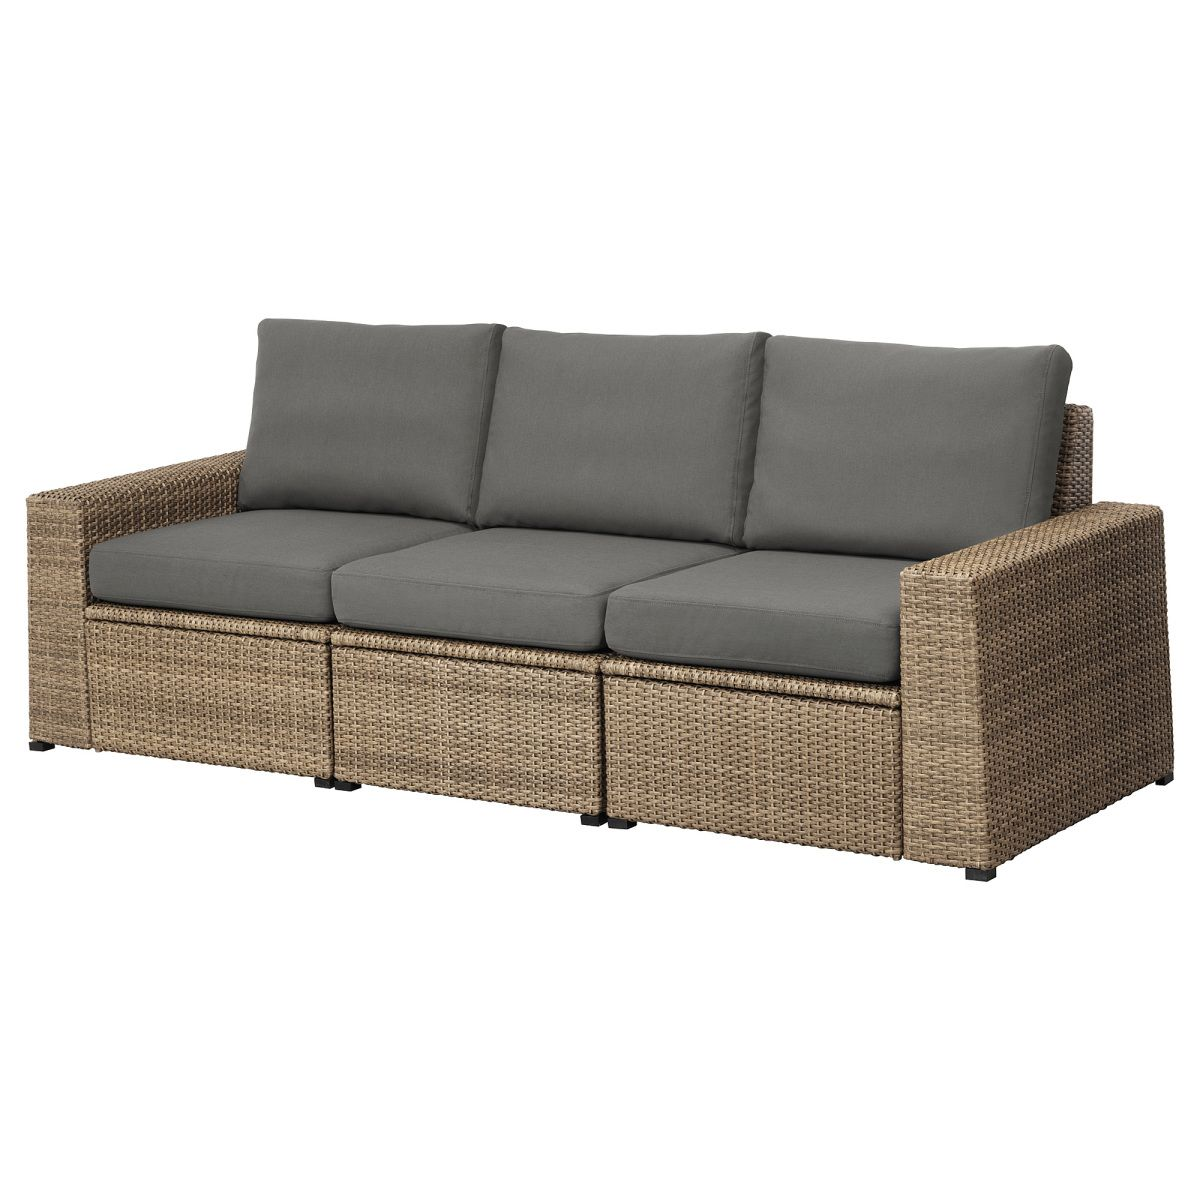 Quelle Sofa sollerön 3er sofa außen braun dunkelgrau jetzt bestellen unter